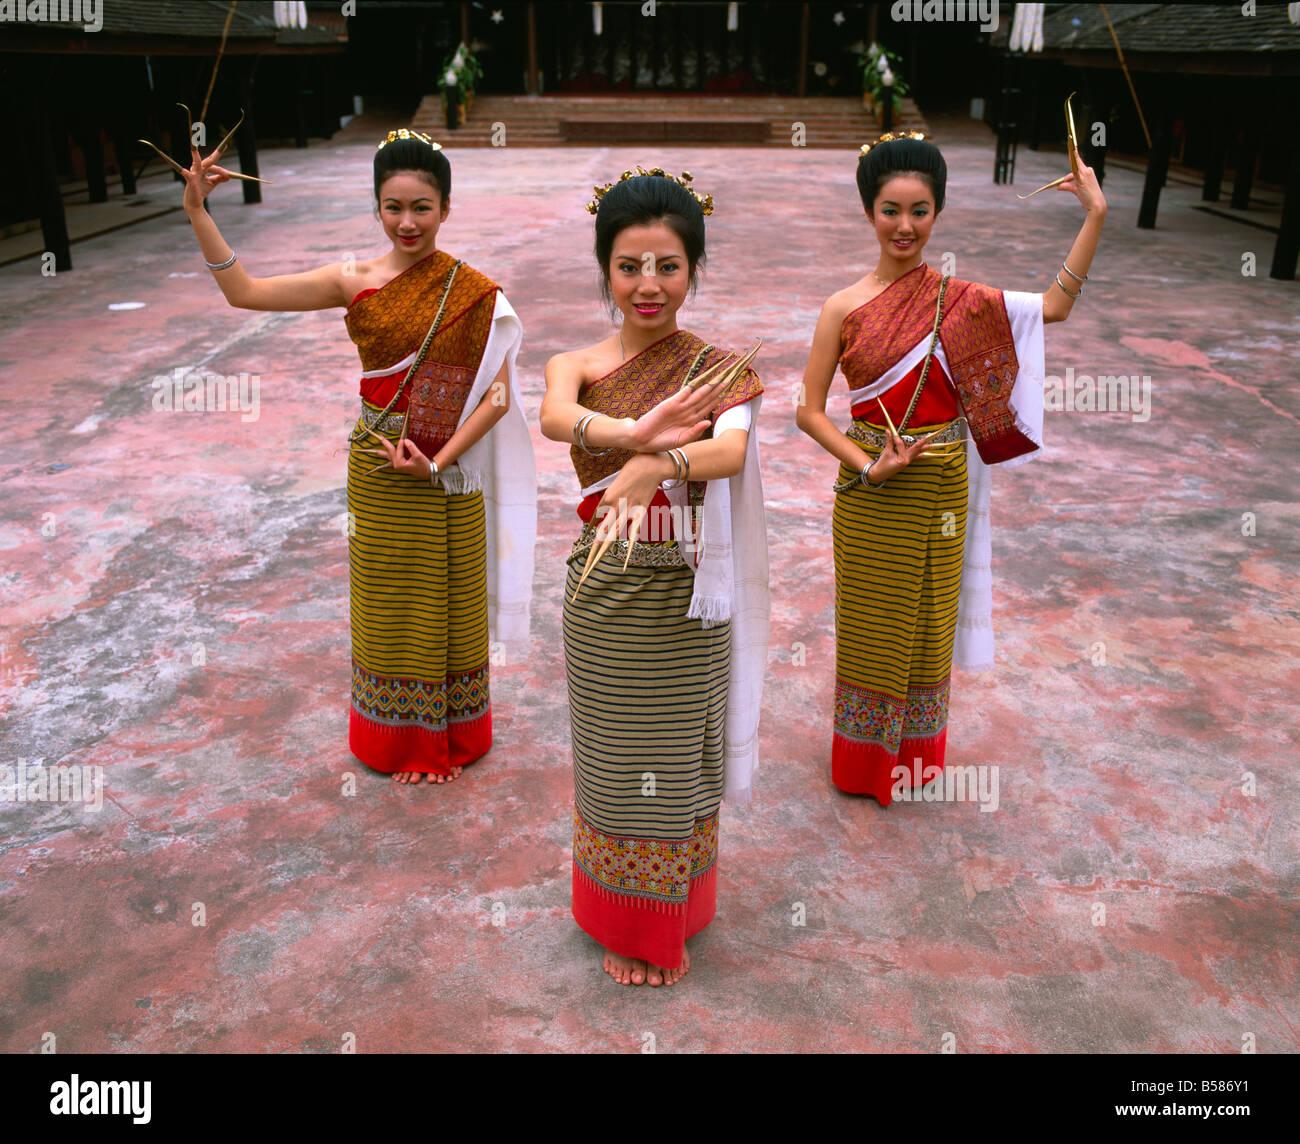 Portrait de trois femmes en costume traditionnel thaï, Chiang Mai, Thaïlande, Asie du Sud-Est, Asie Photo Stock